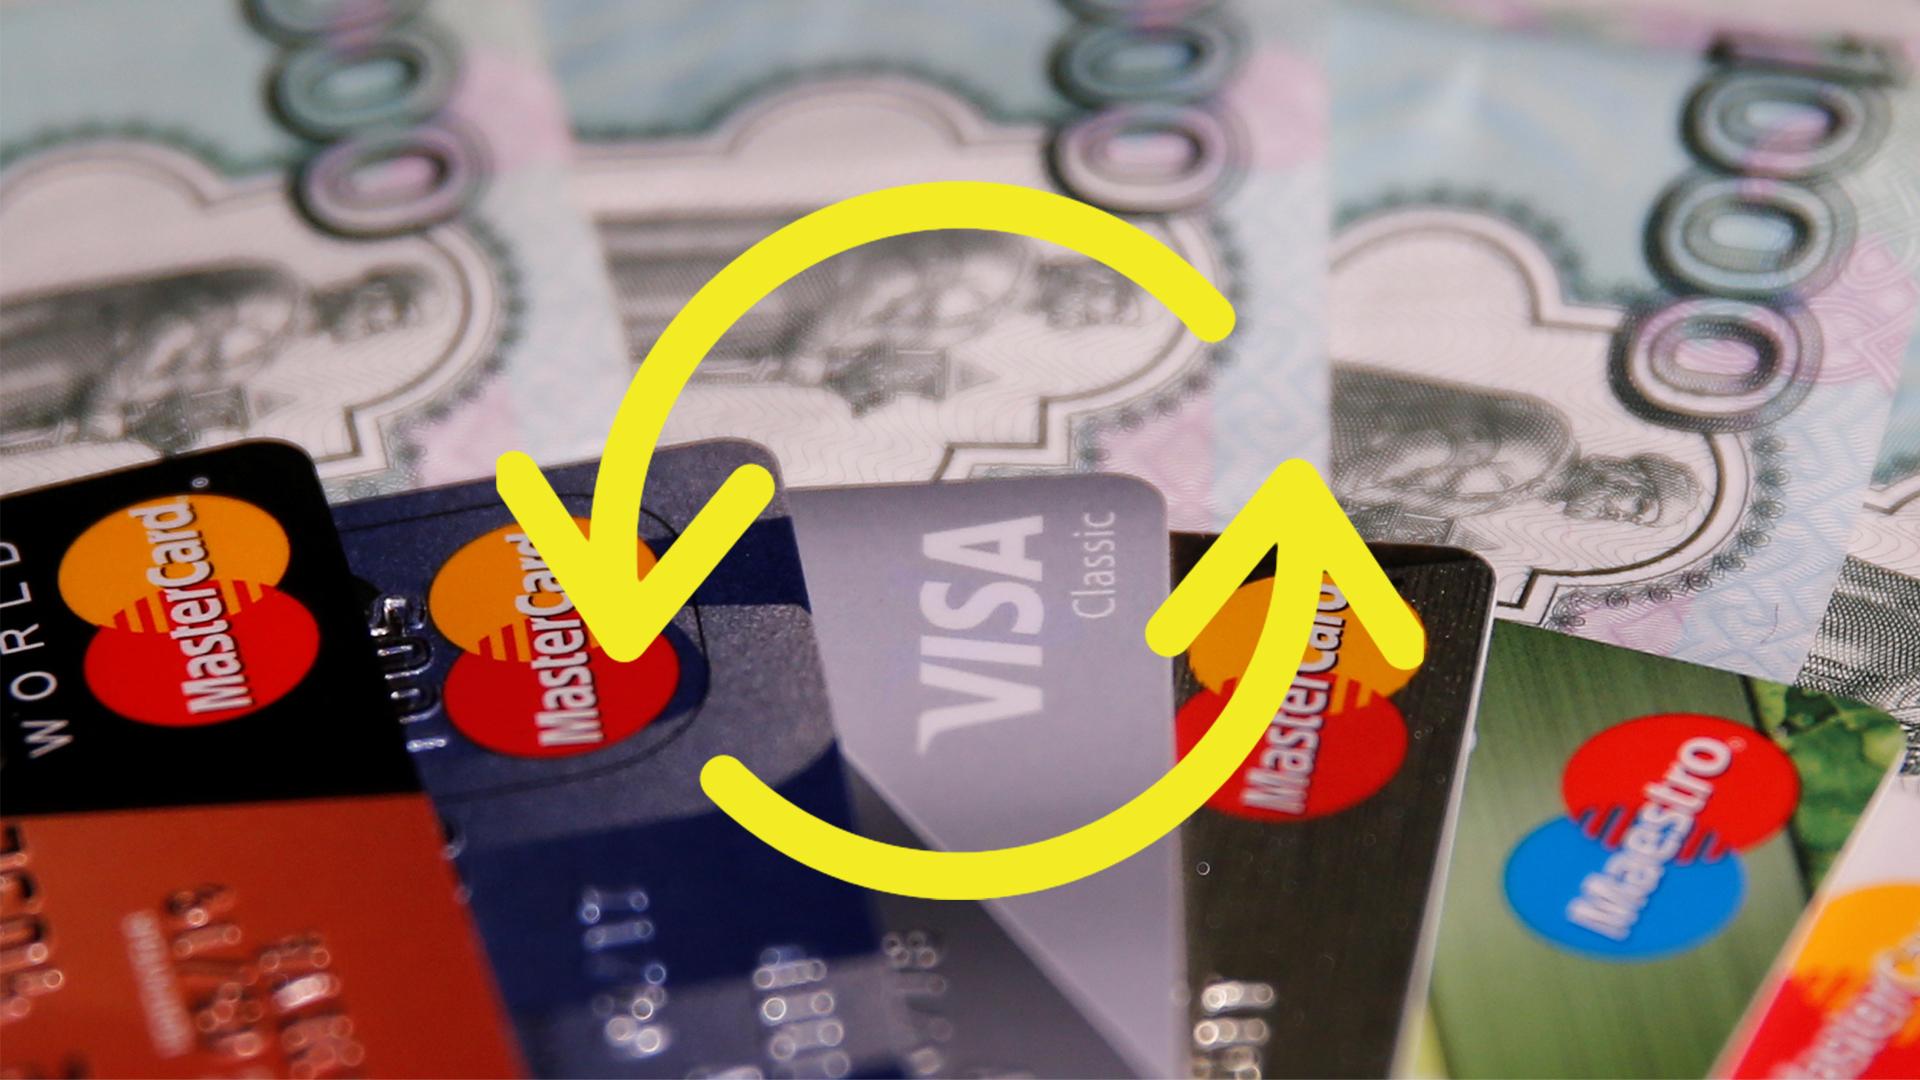 можно ли вернуть деньги которые сняли мошенники с карты